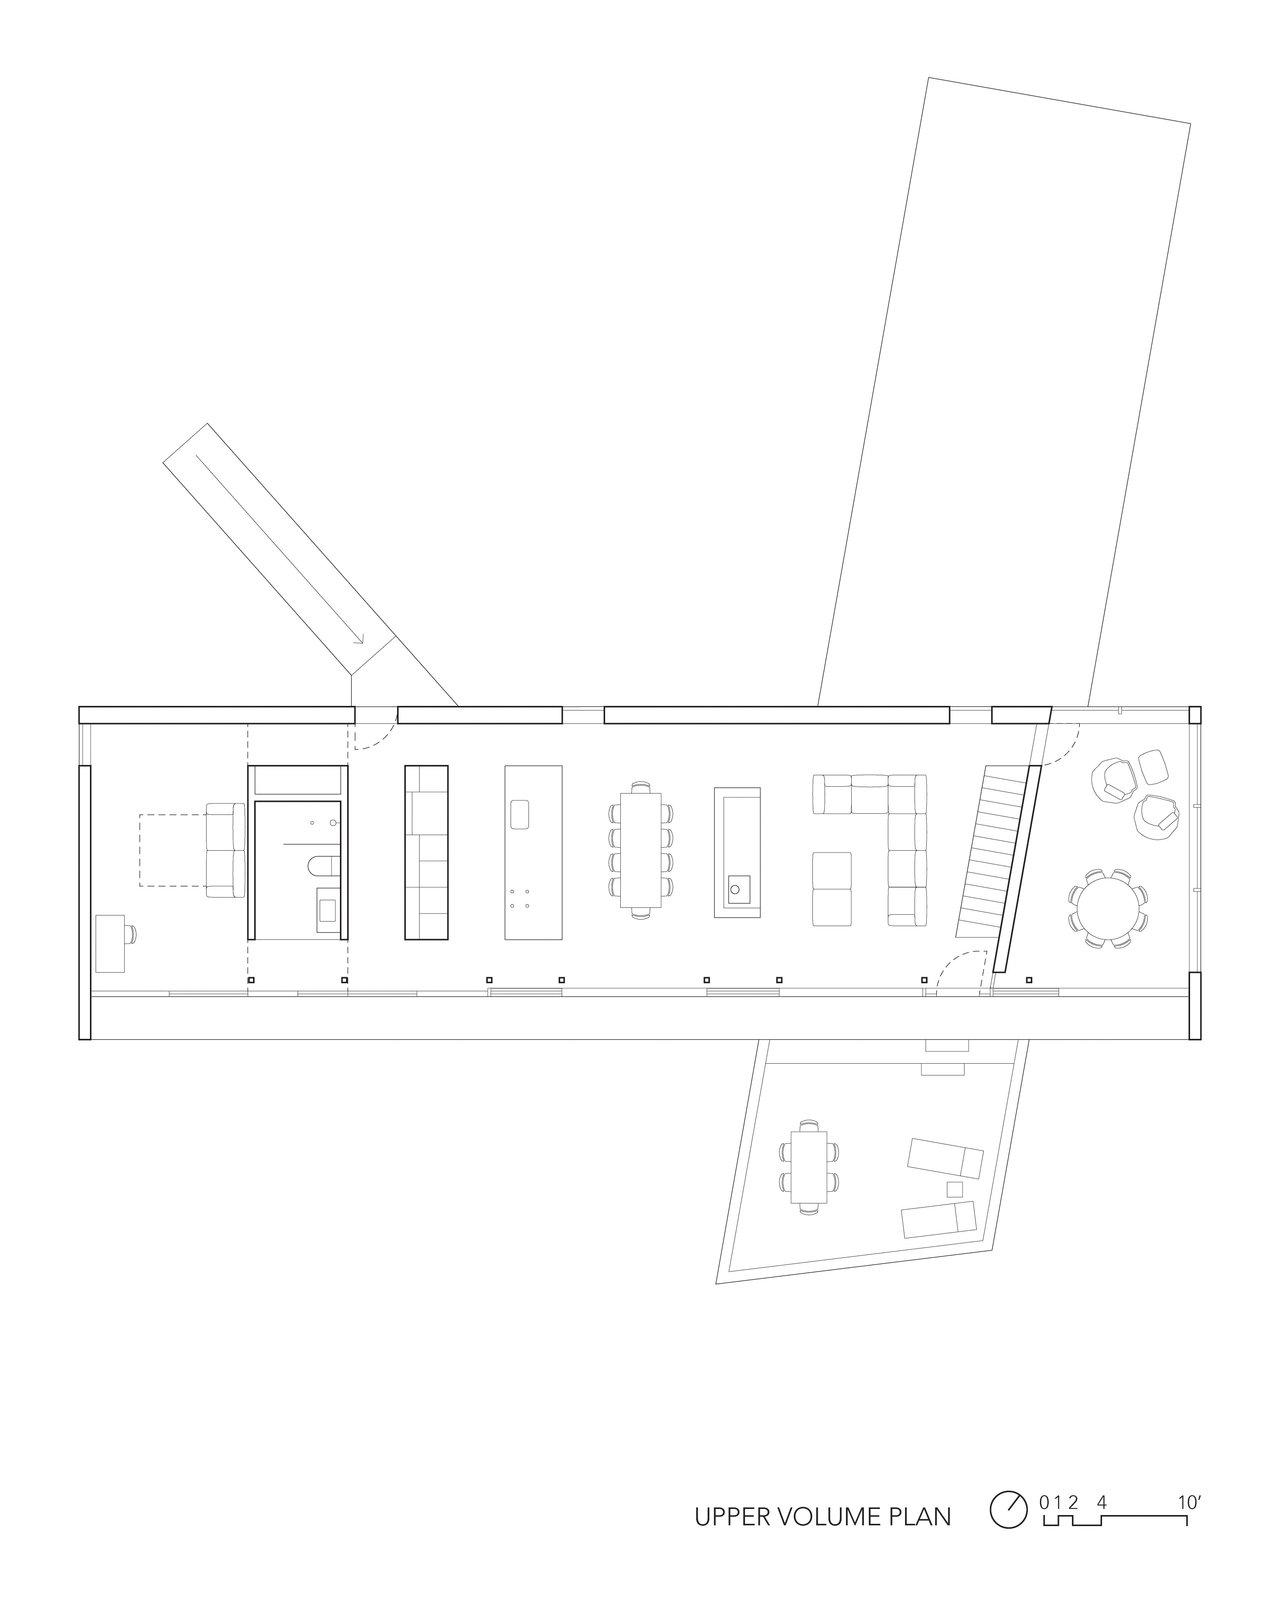 Floorplan for the upper volume.